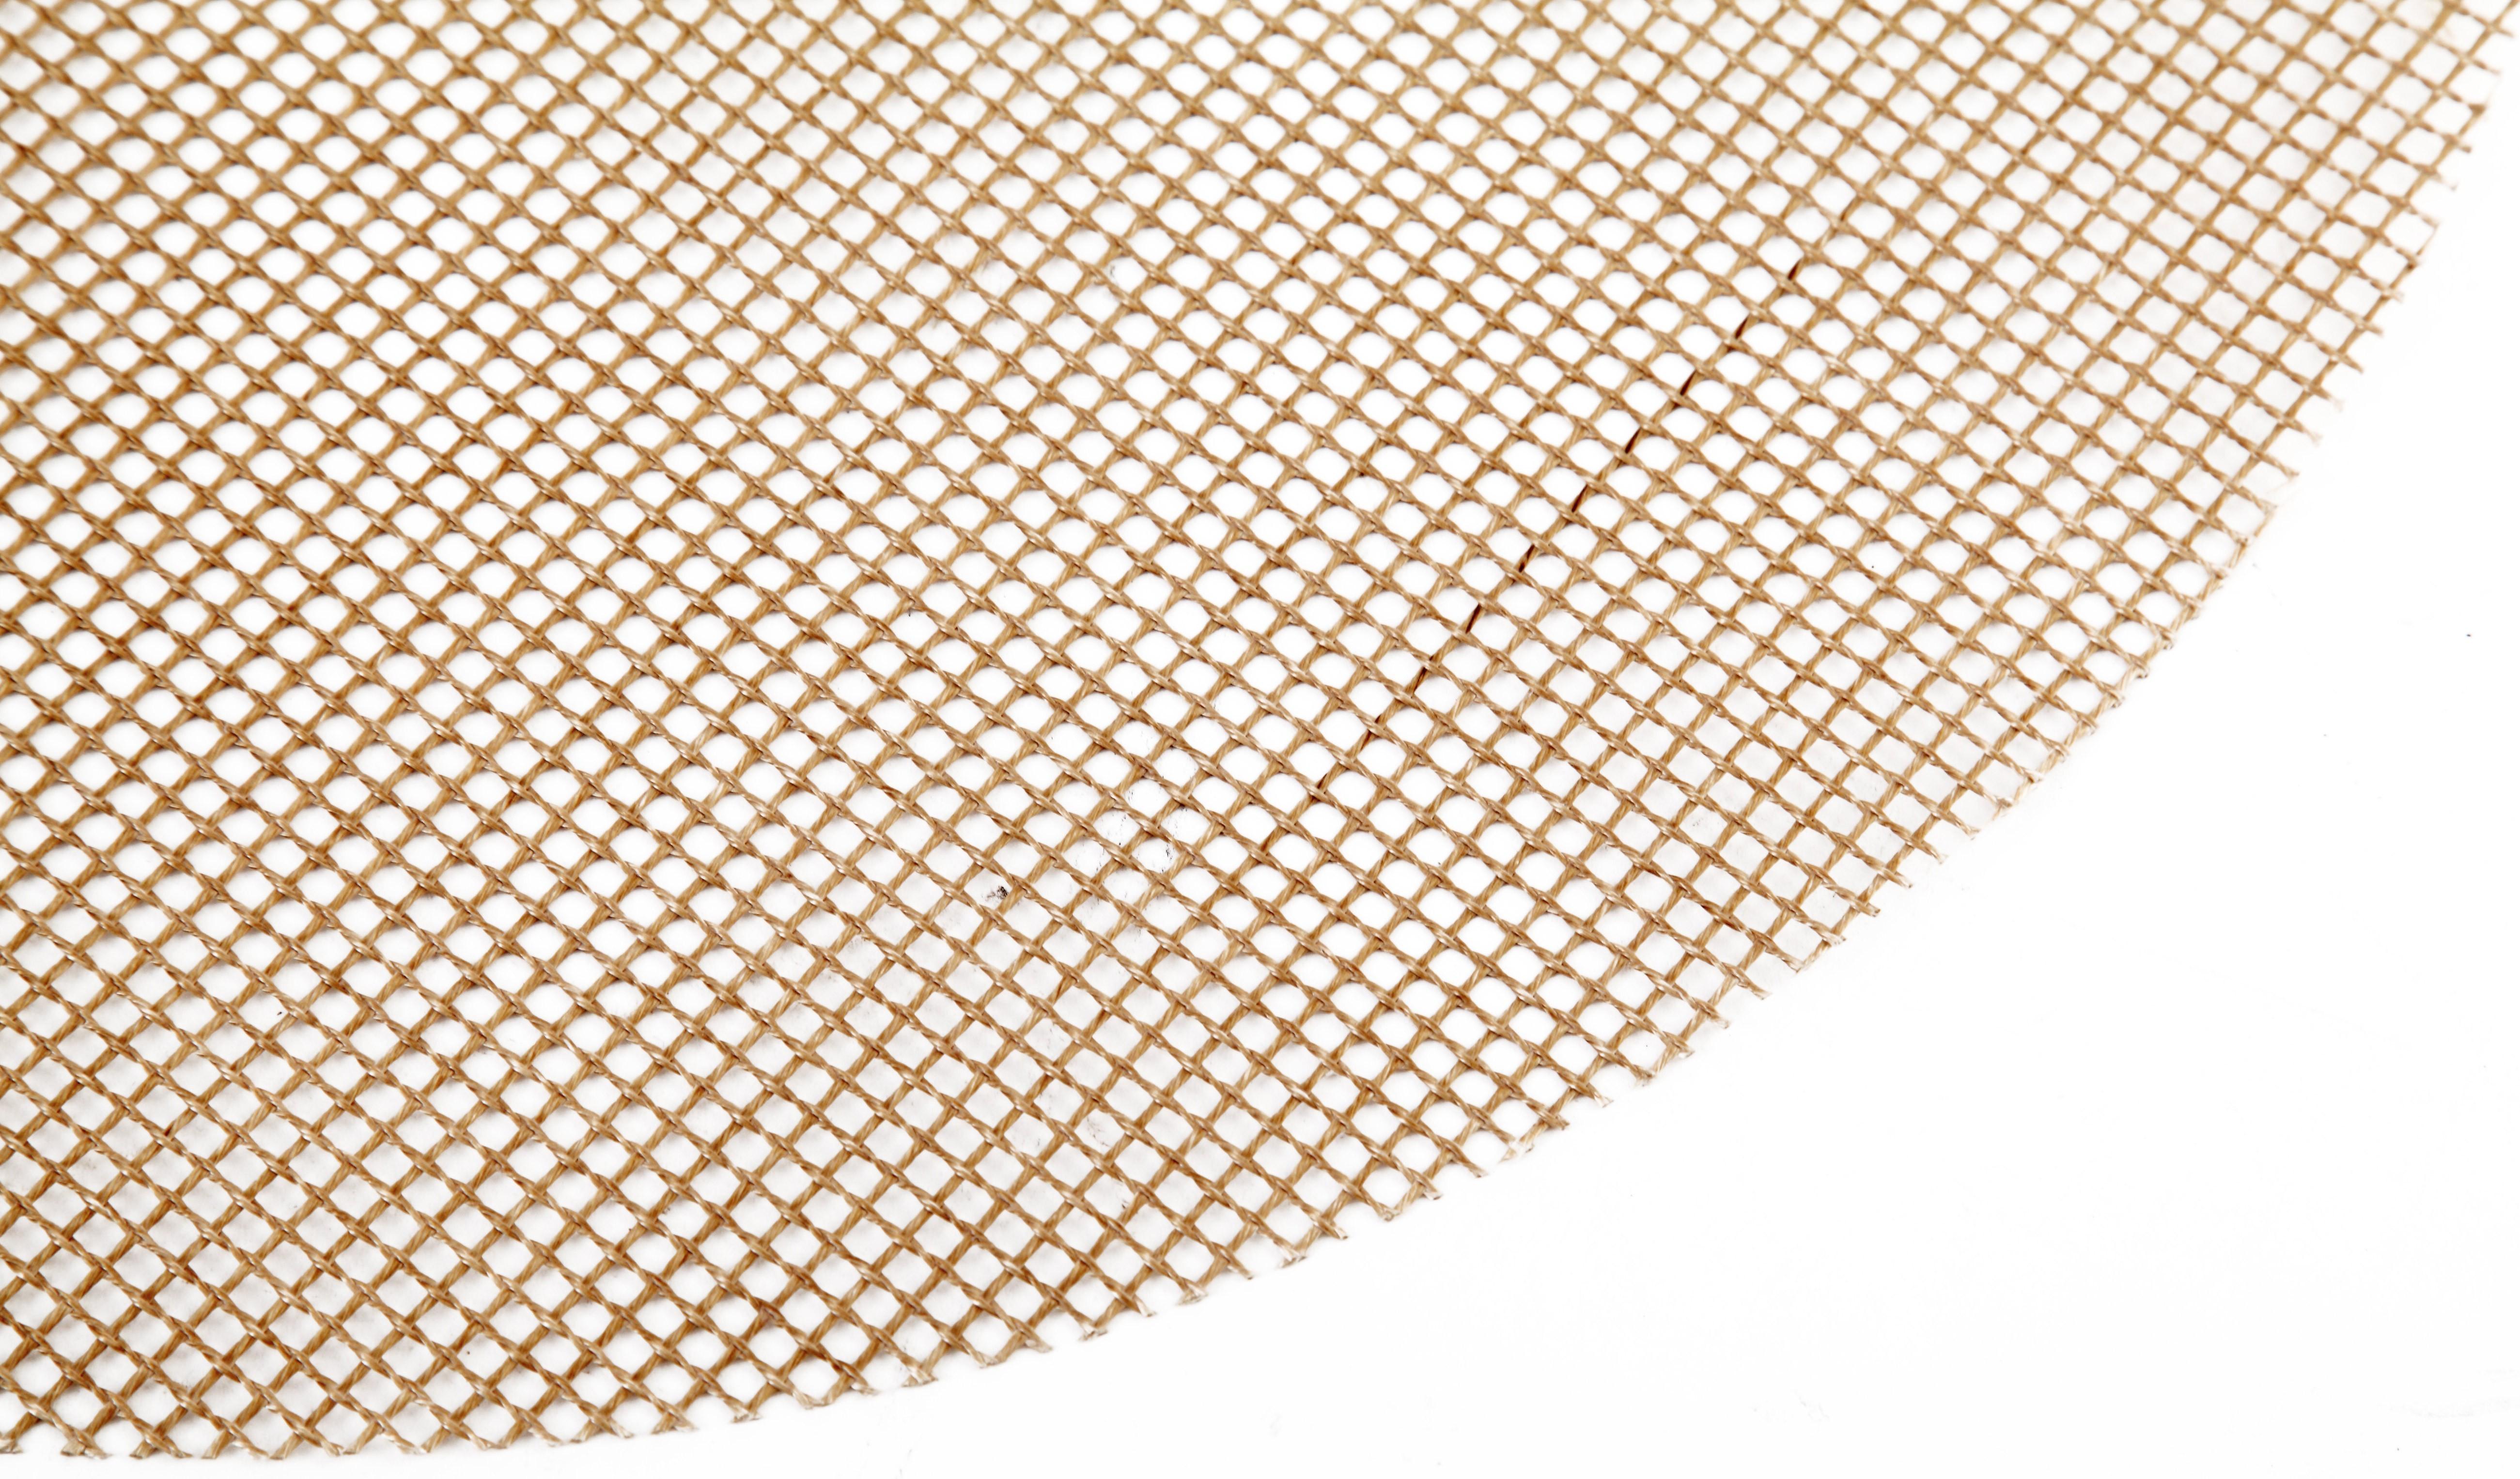 tepro grillmatte backmatte antihaftbeschichtet rund 52cm bei. Black Bedroom Furniture Sets. Home Design Ideas